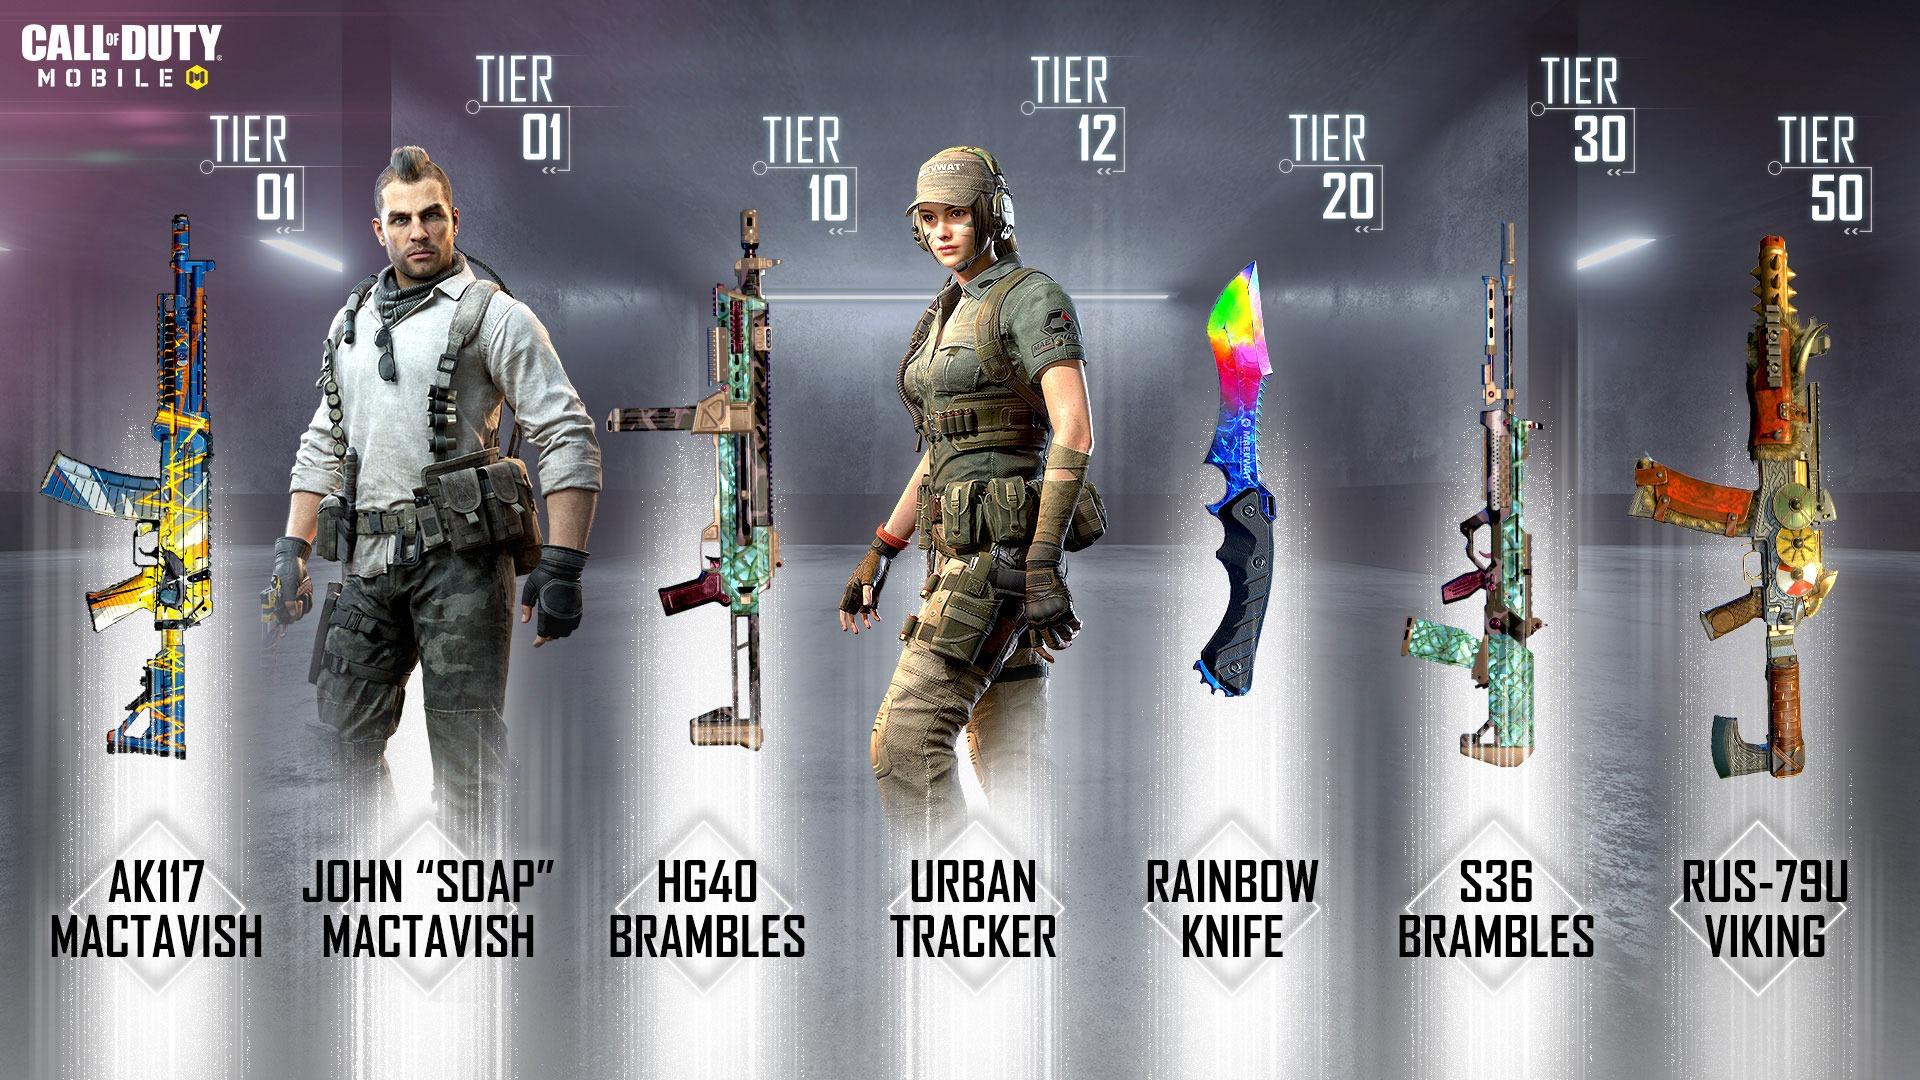 La stagione 4 di Call of Duty: Mobile porta con sé nuove mappe e abilità 1